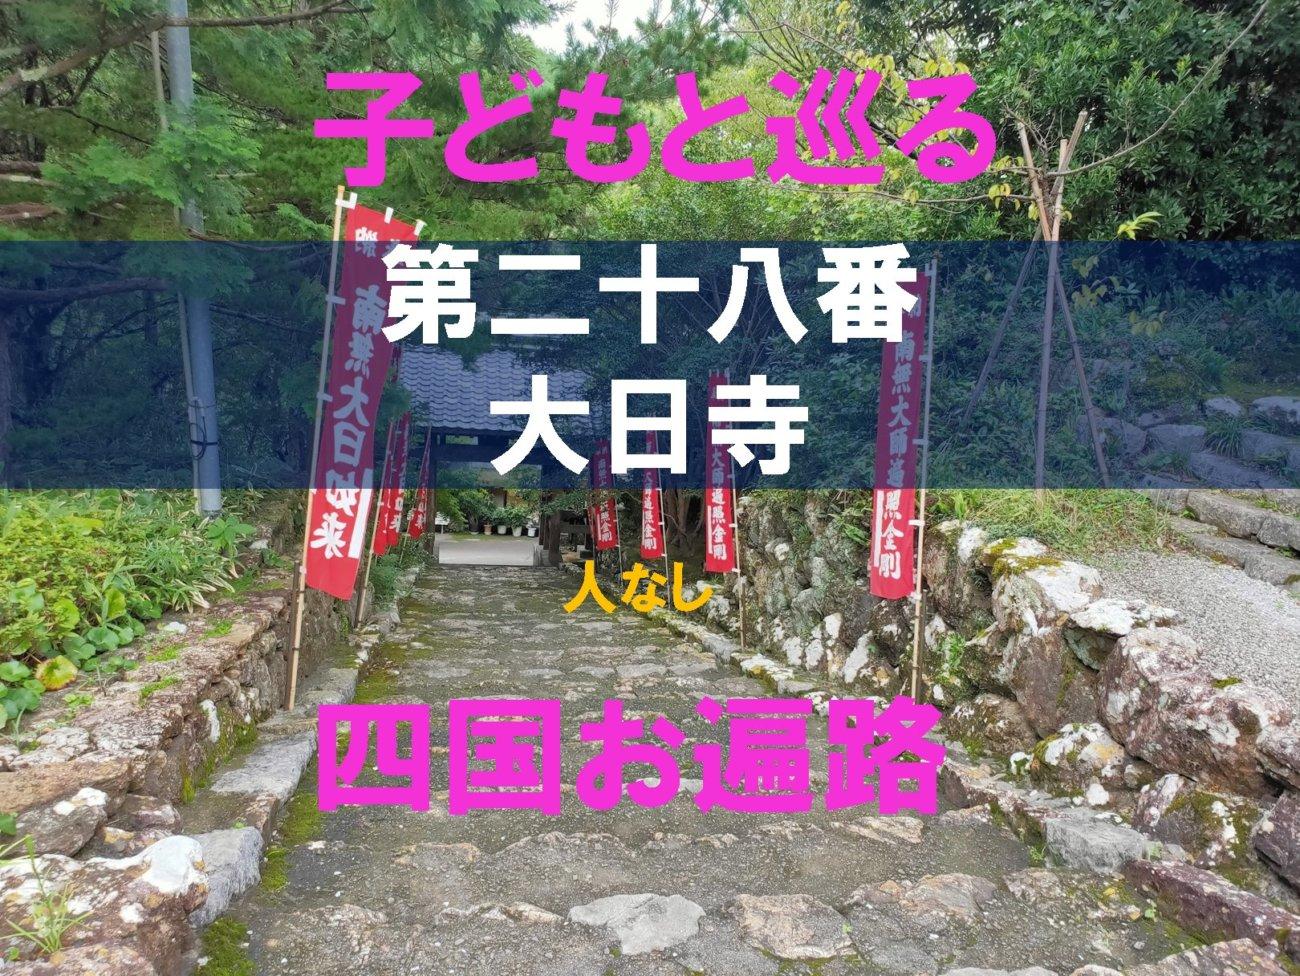 28番大日寺のアイキャッチ画像